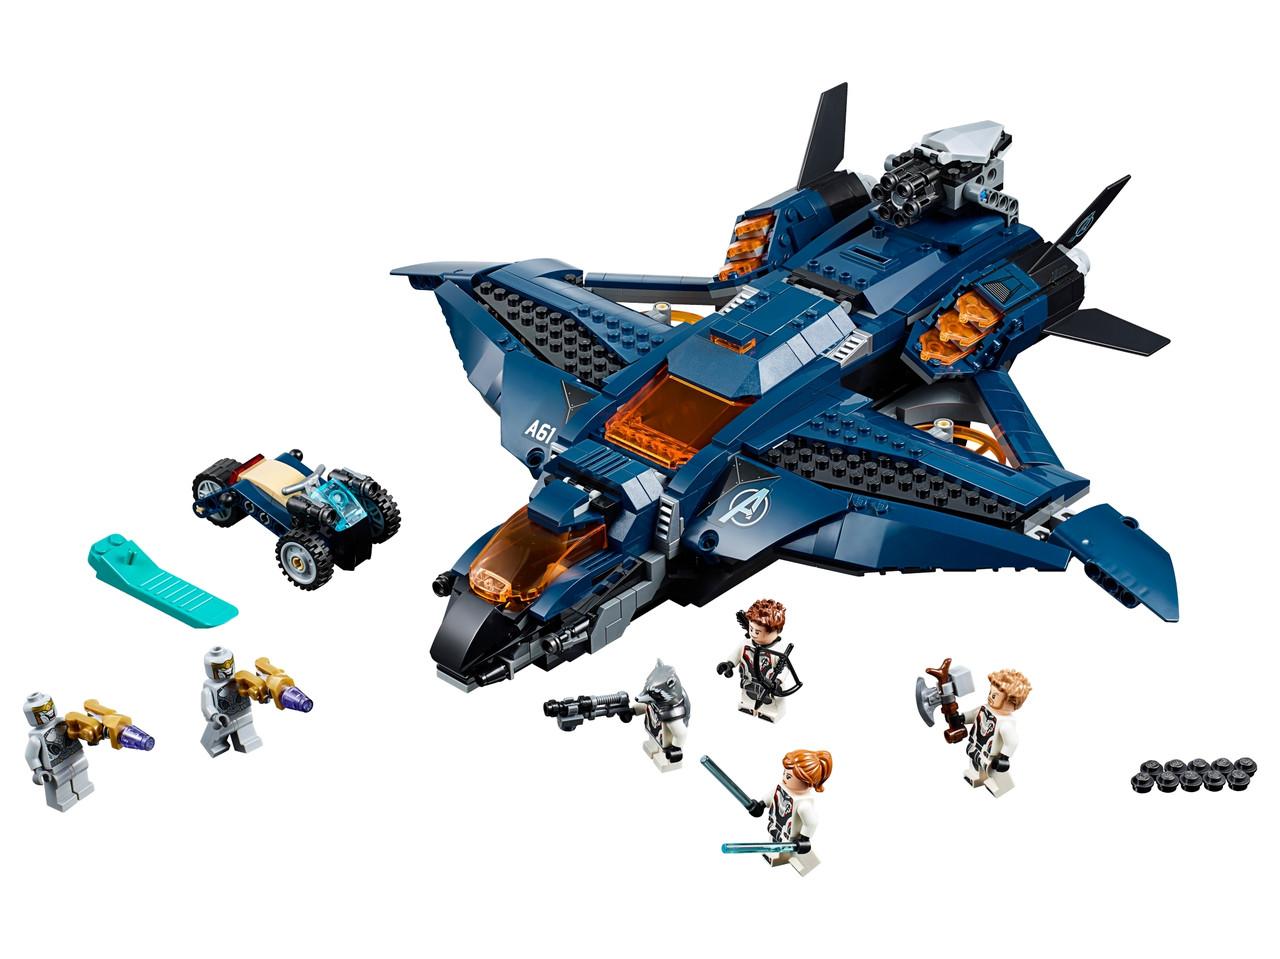 Конструктор LEGO Модернизированный квинджет Мстителей 838 деталей (76126)